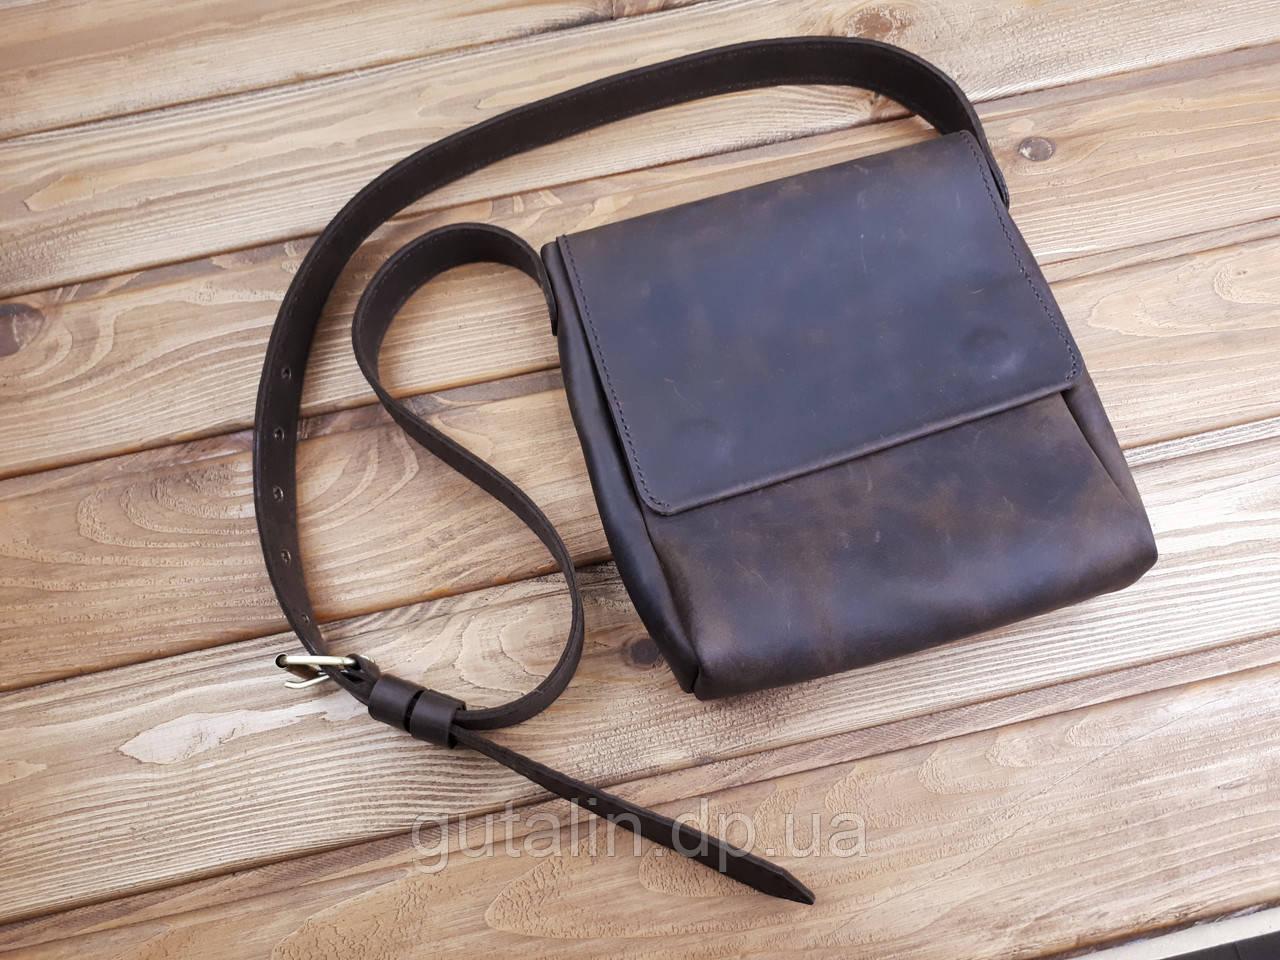 Мужская сумка ручной работы из натуральной кожи Планшетка цвет коньяк